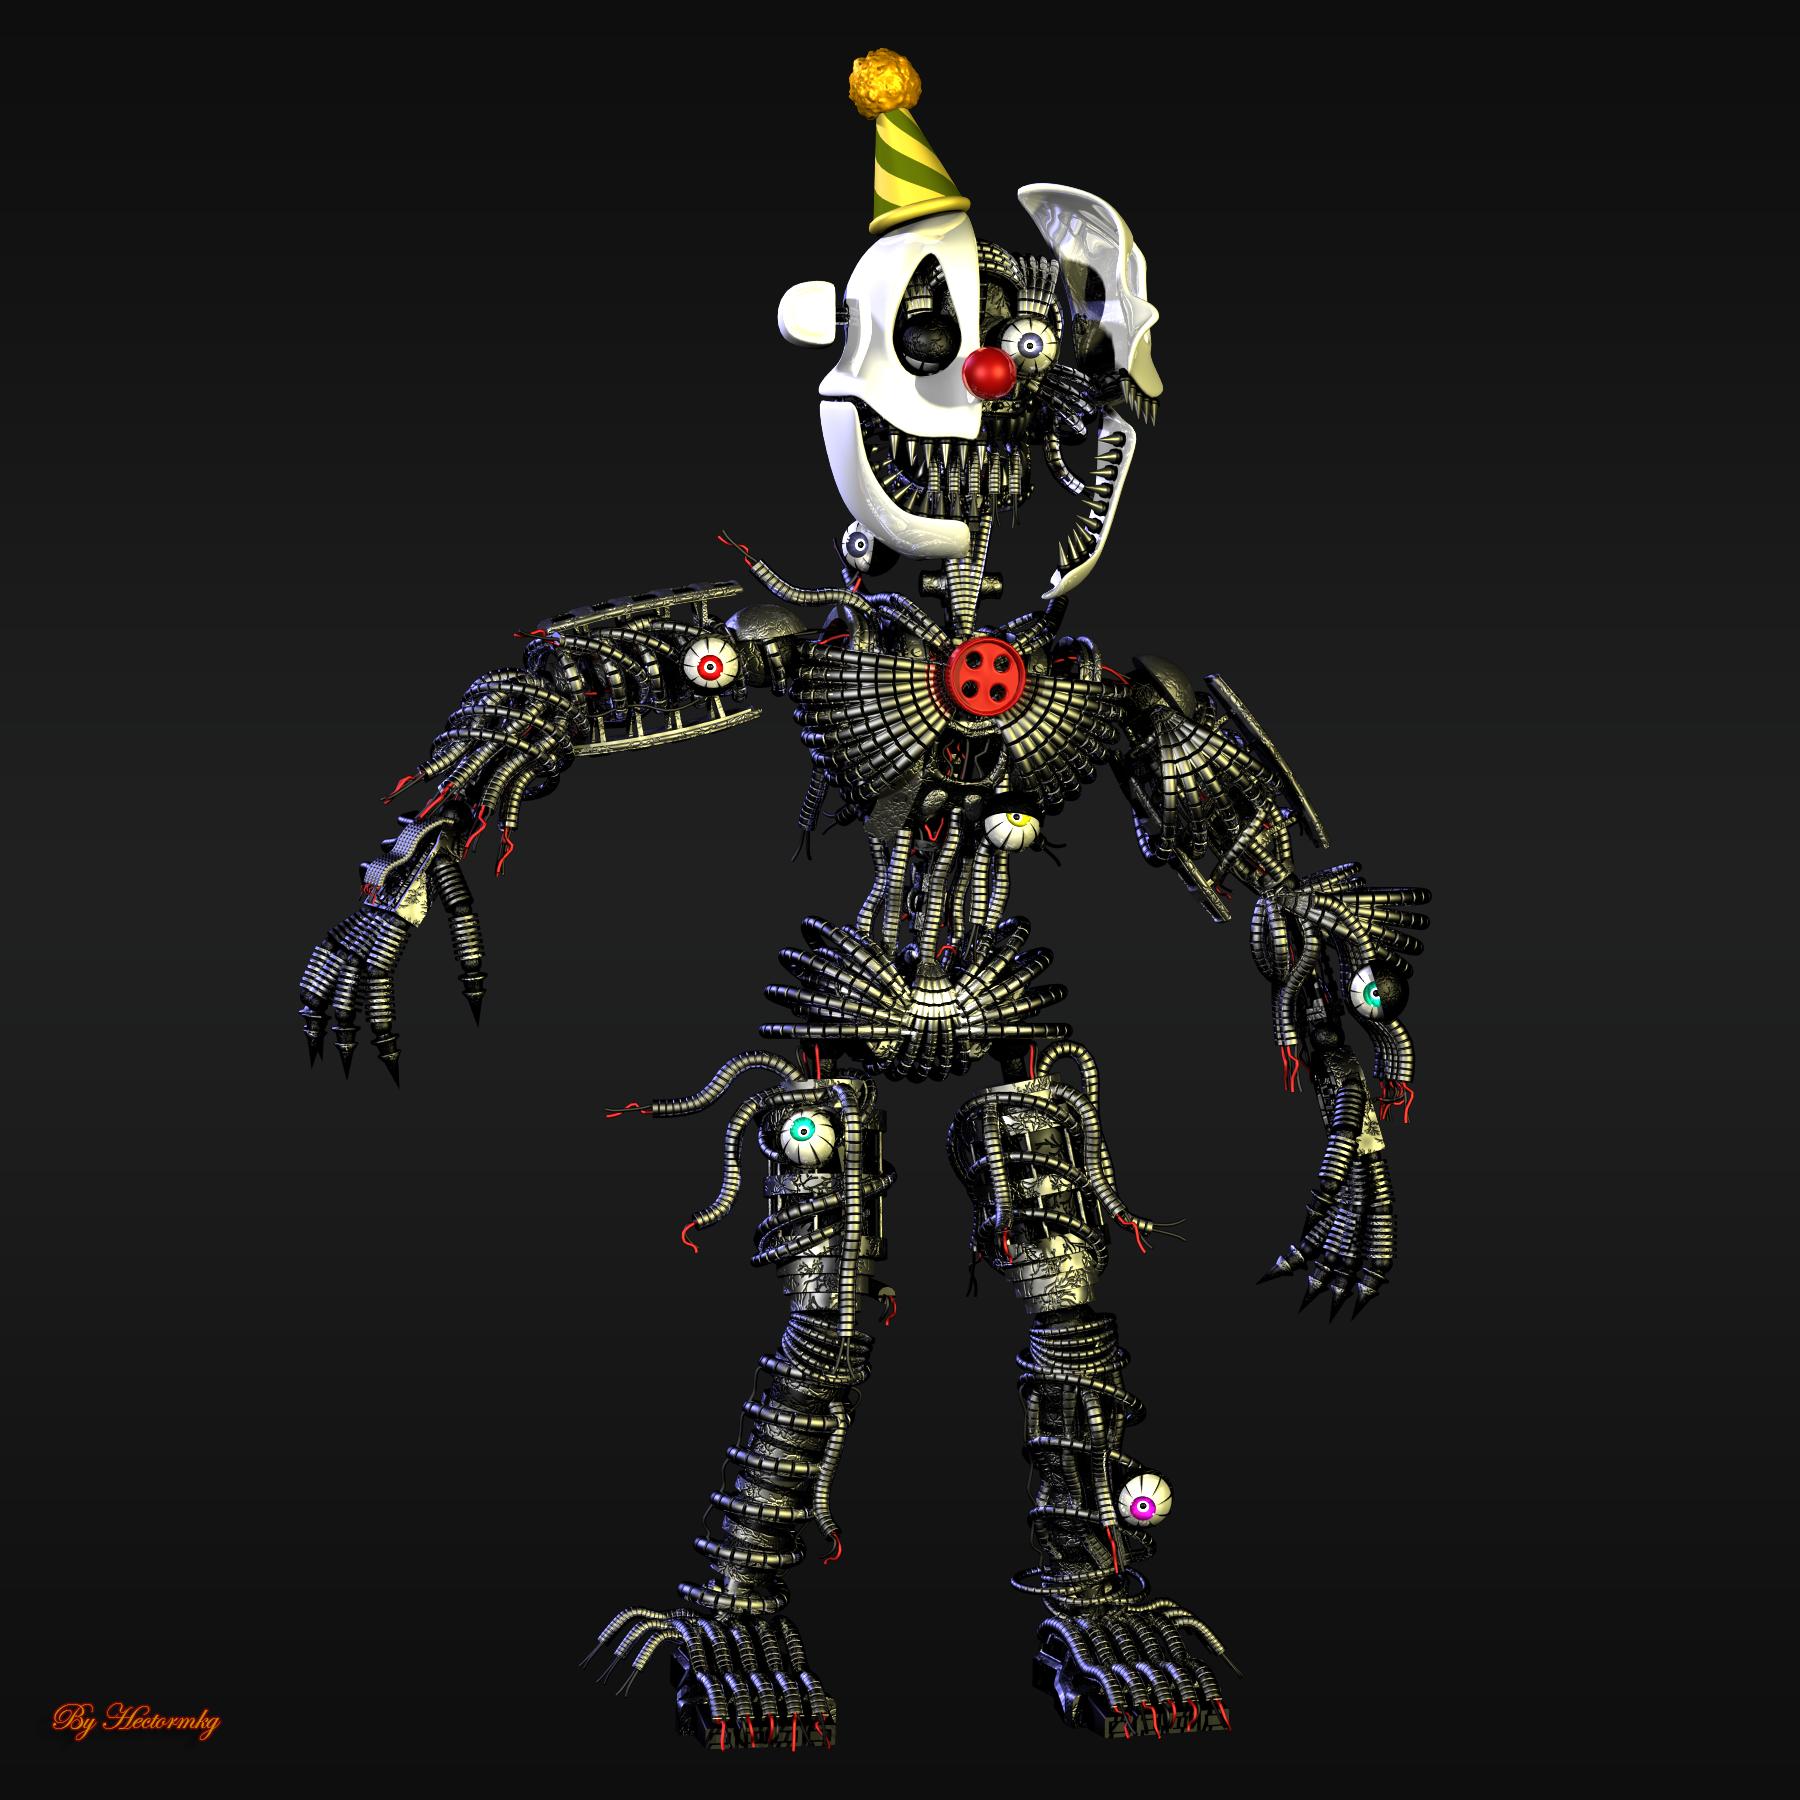 Nightmare Ennard By Hectormkg On Deviantart